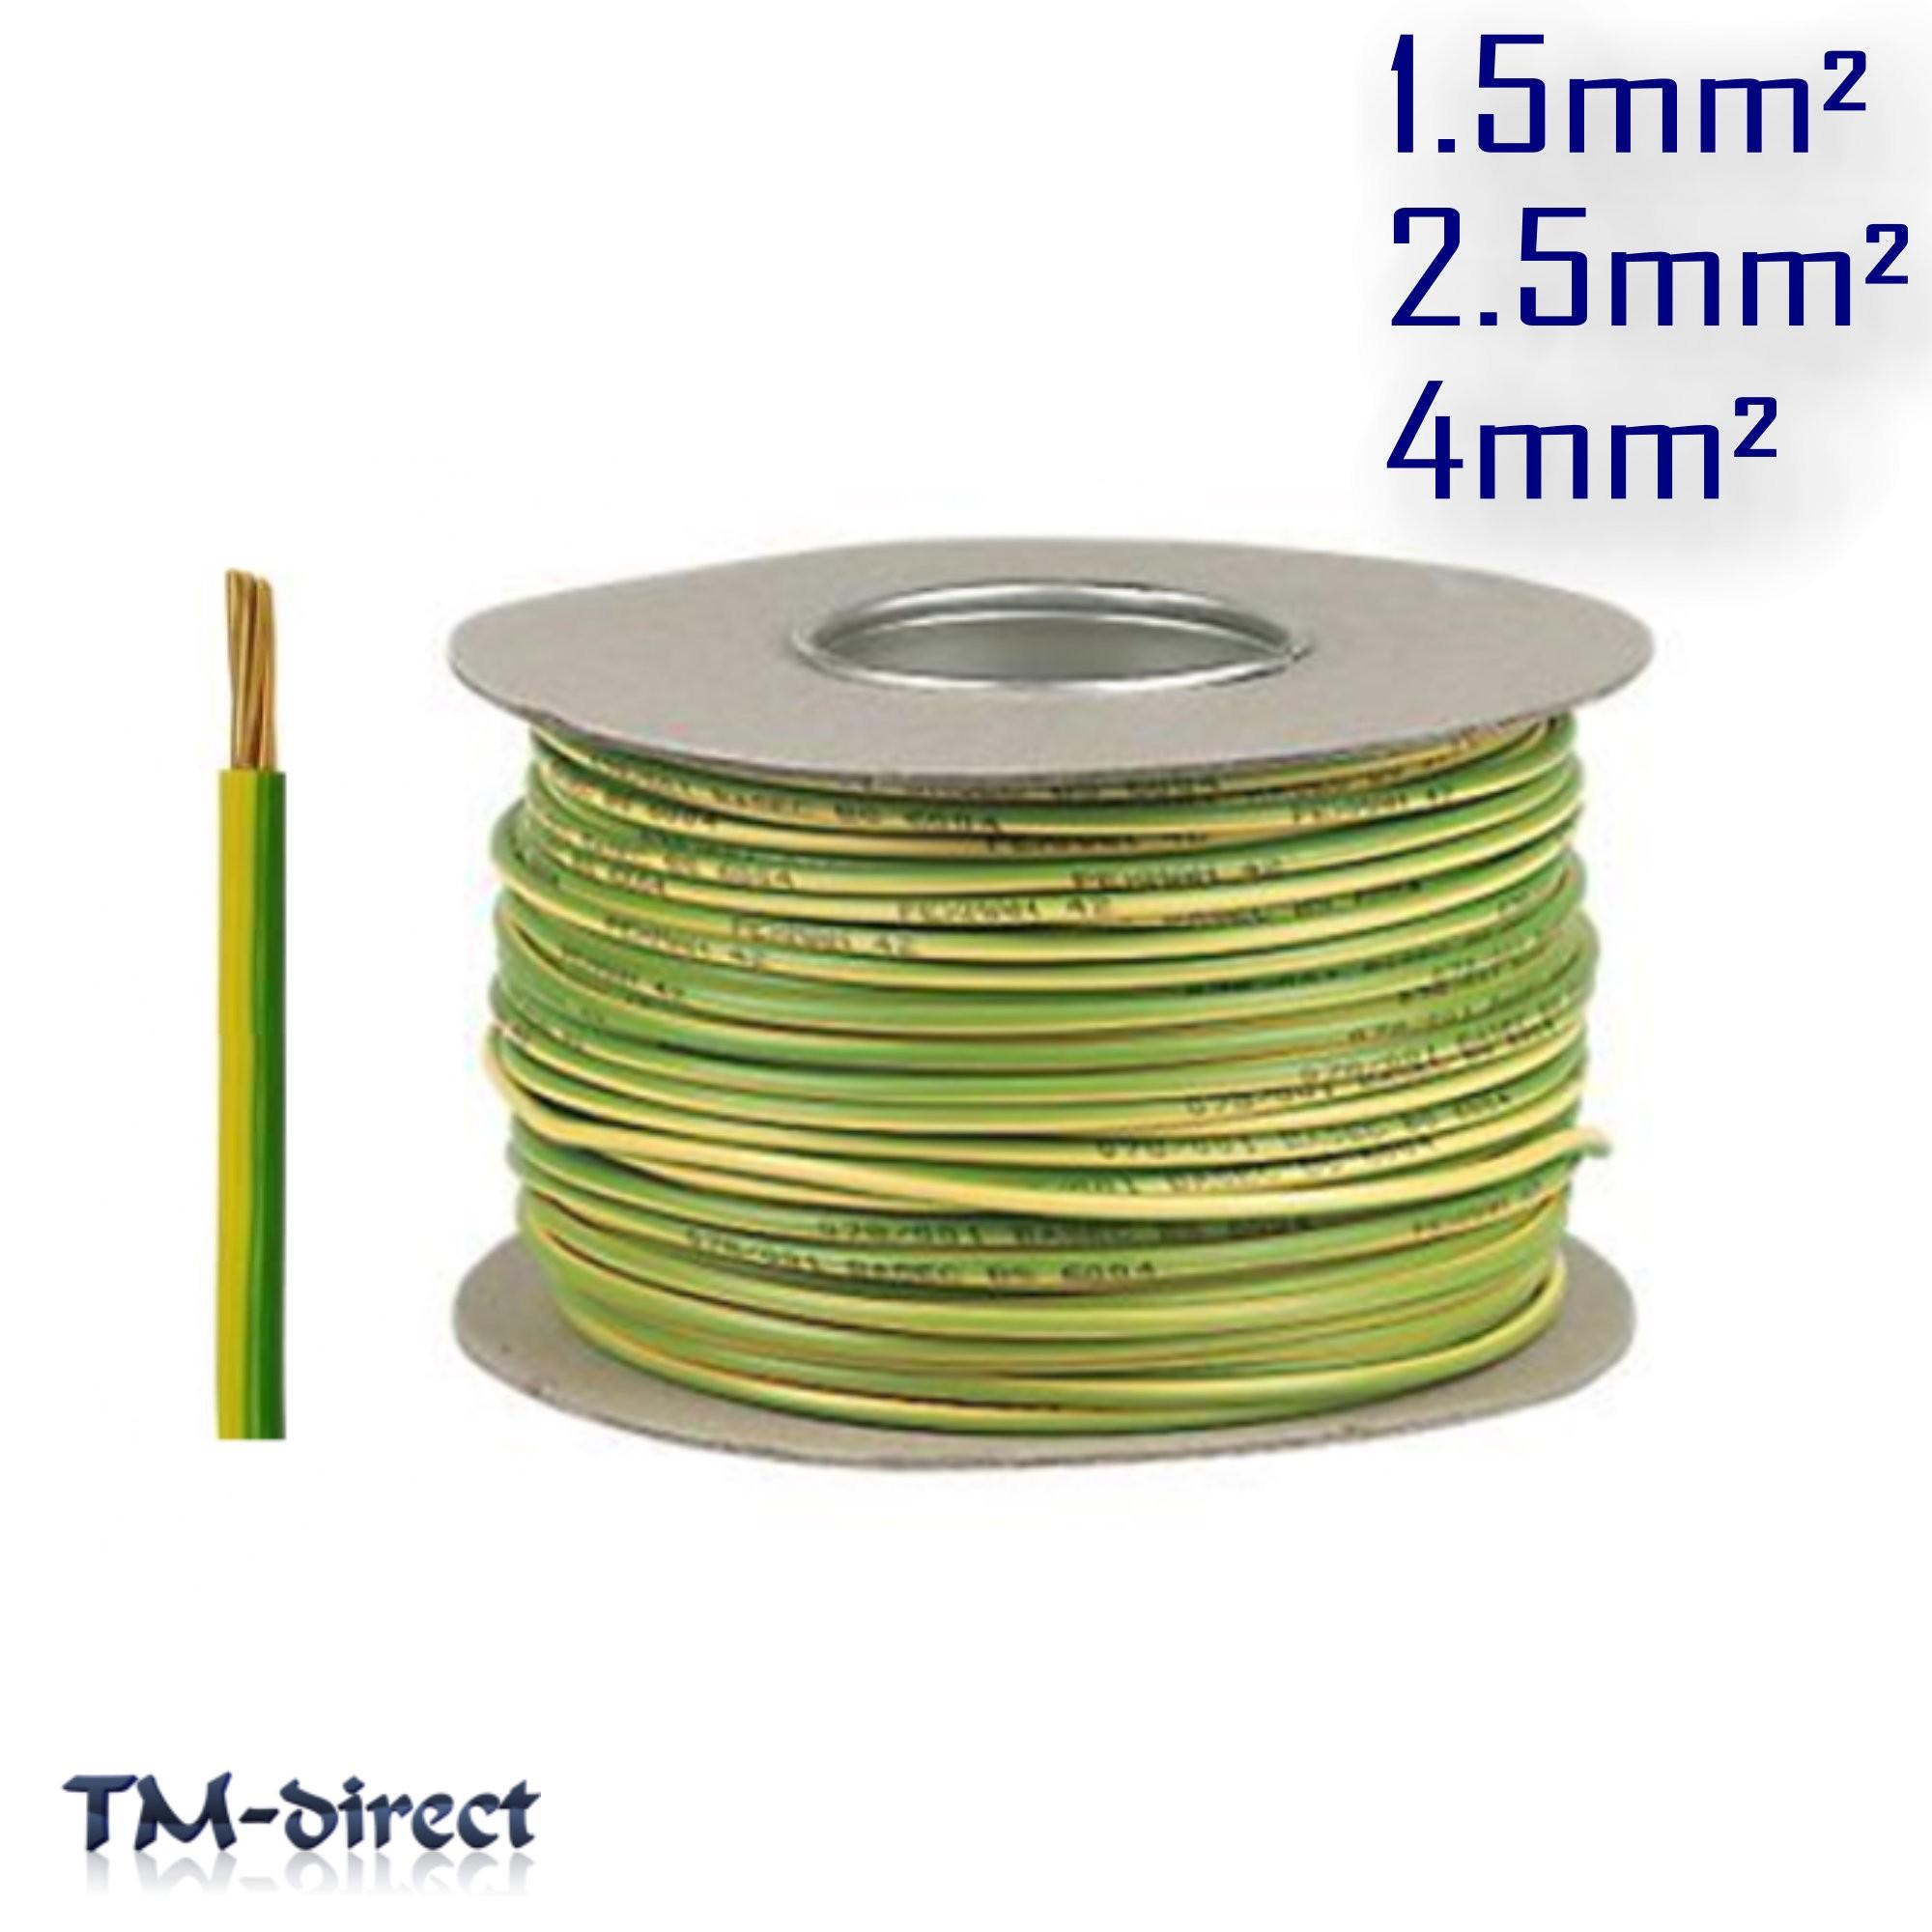 Single Core Conduit Round Flex 1 5 2 5 4 Mm Flexible